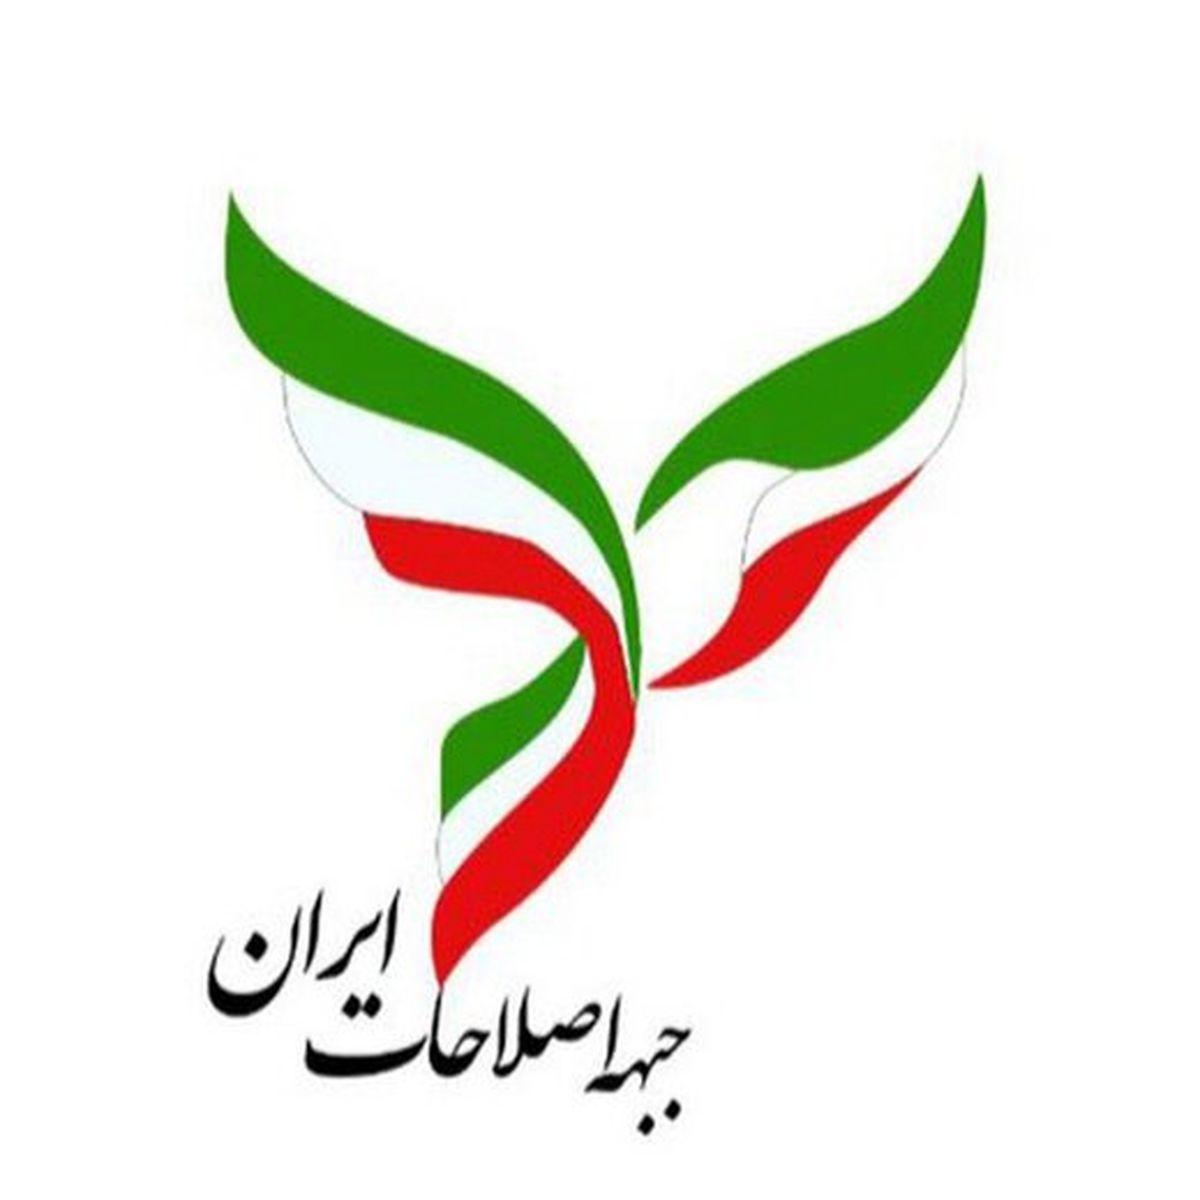 جبهه اصلاحات ایران:قرنطینه فوری و سراسری اعلام کنید